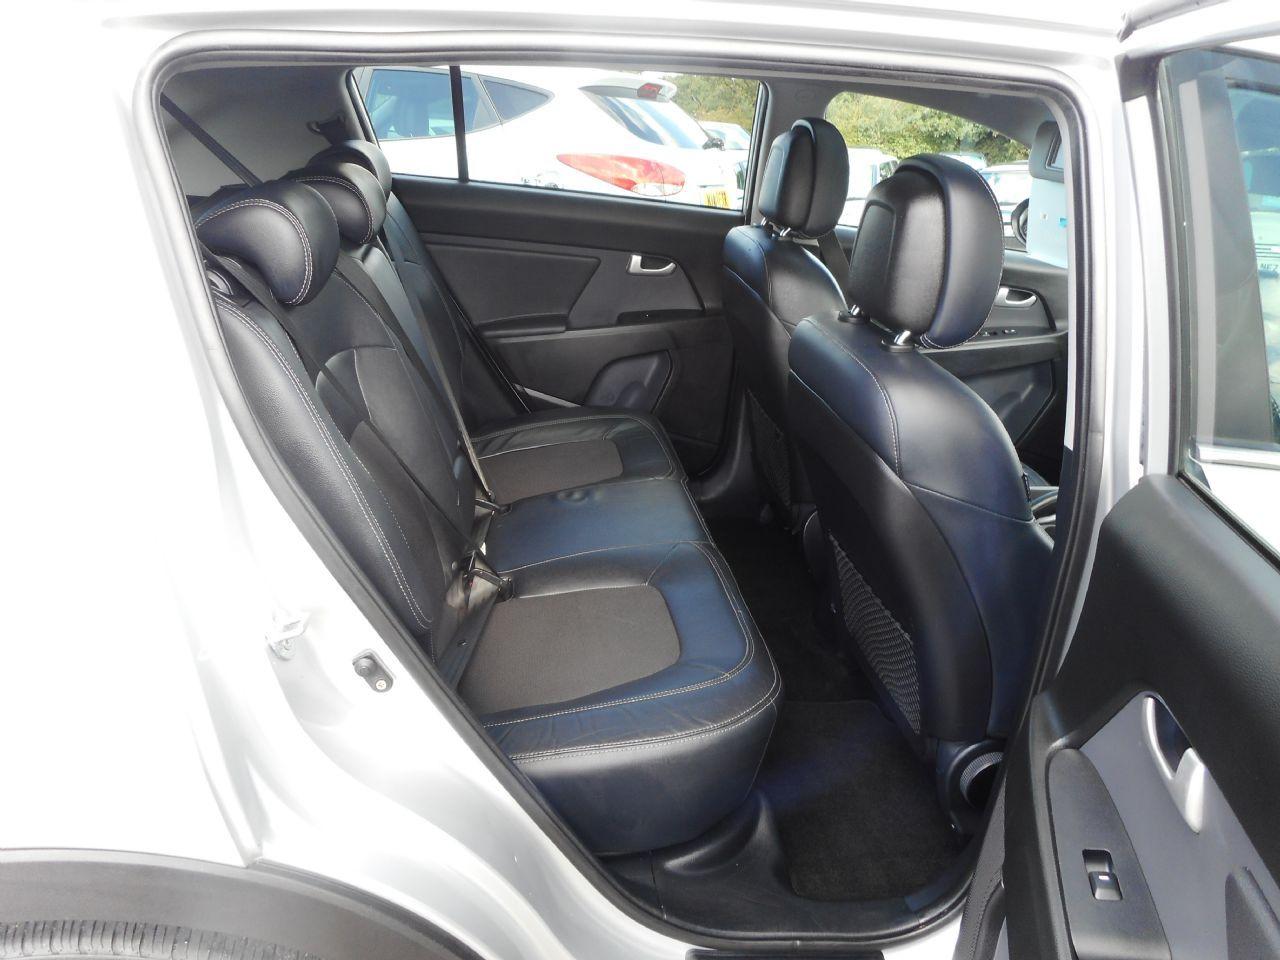 KIA Sportage 1.7 CRDi 2 2WD (2012) - Picture 7